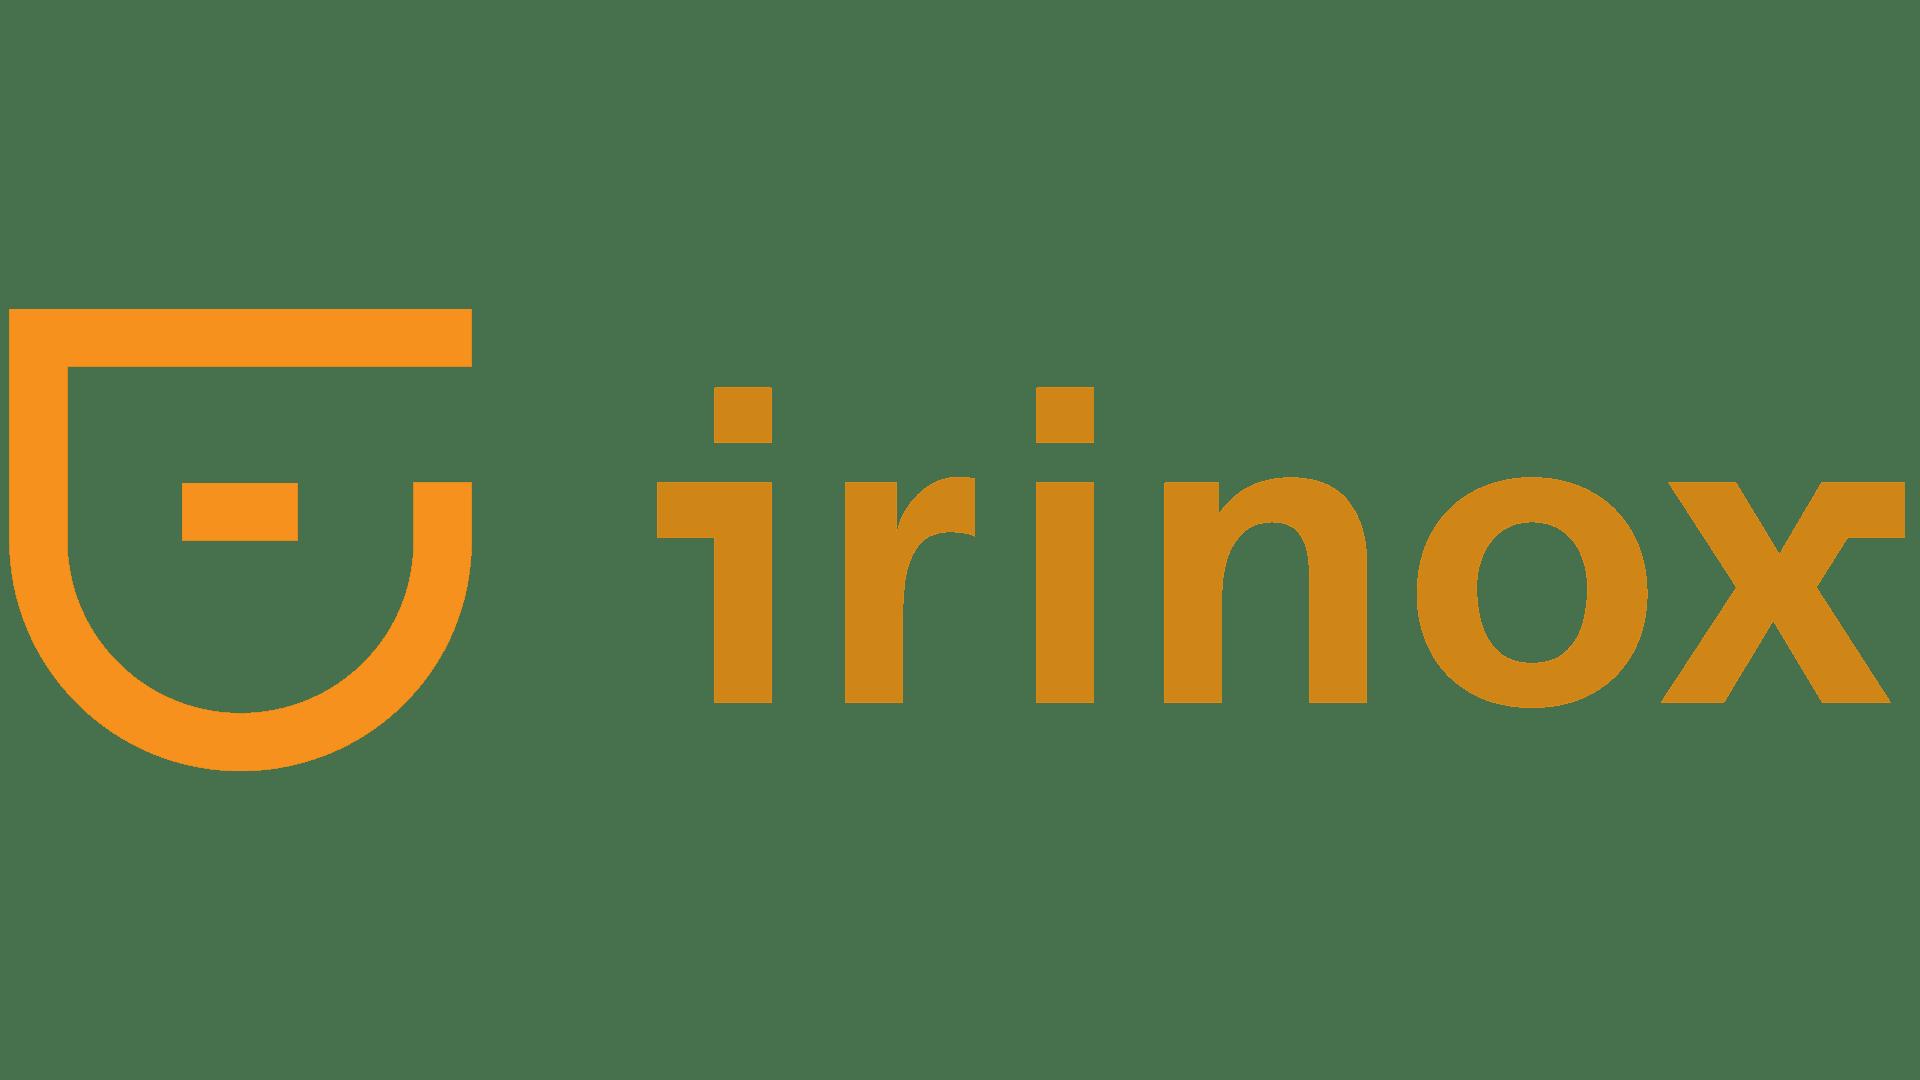 Irinox Home